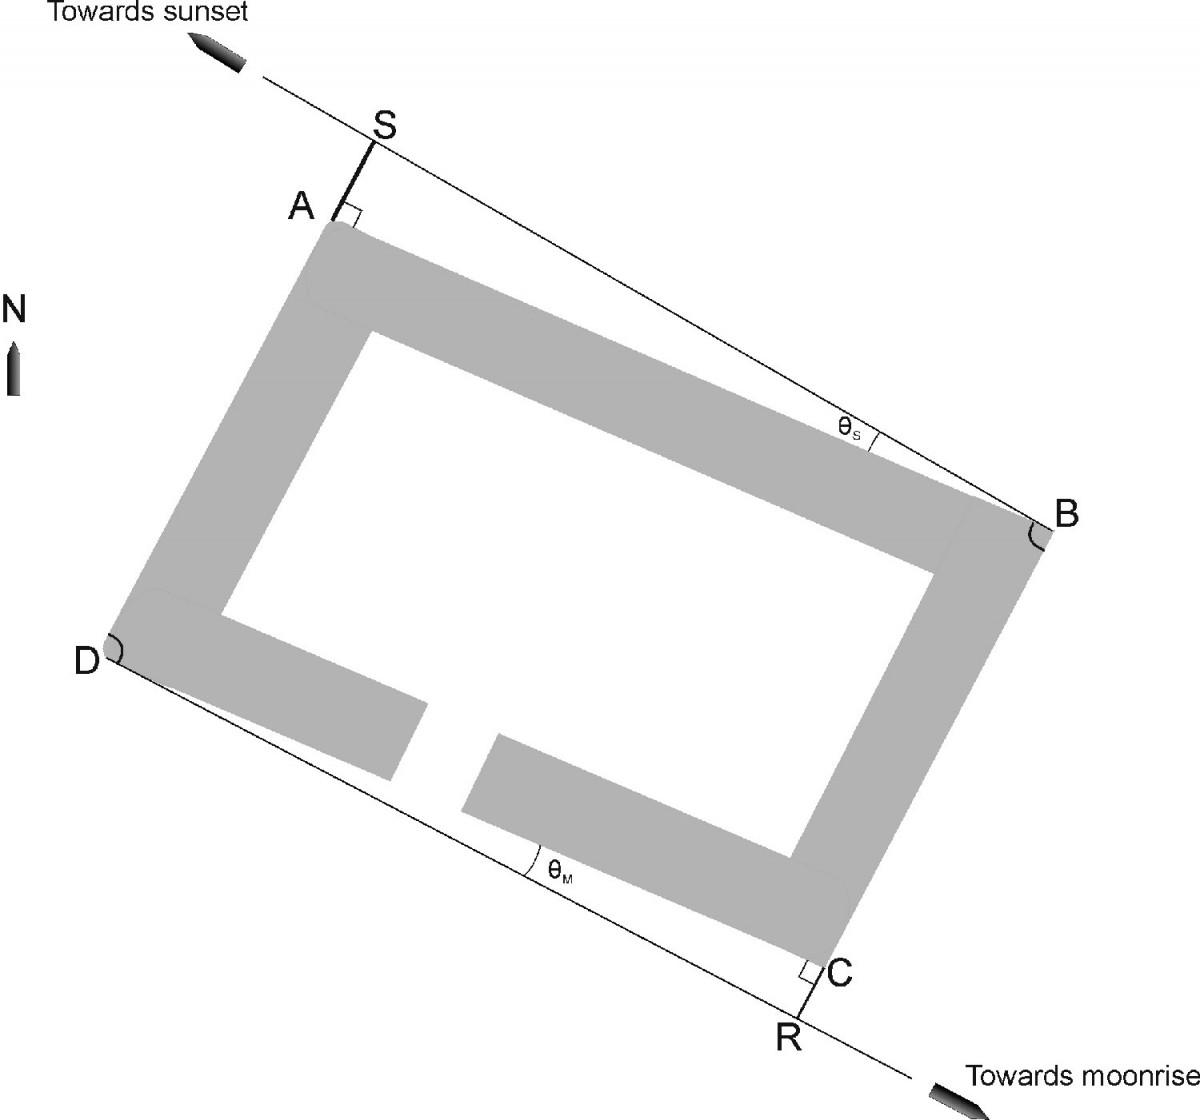 Εικ. 4. Διάγραμμα που δείχνει τη μέθοδο που ακολουθήθηκε για τον προσδιορισμό του προσανατολισμού του Δρακόσπιτου.